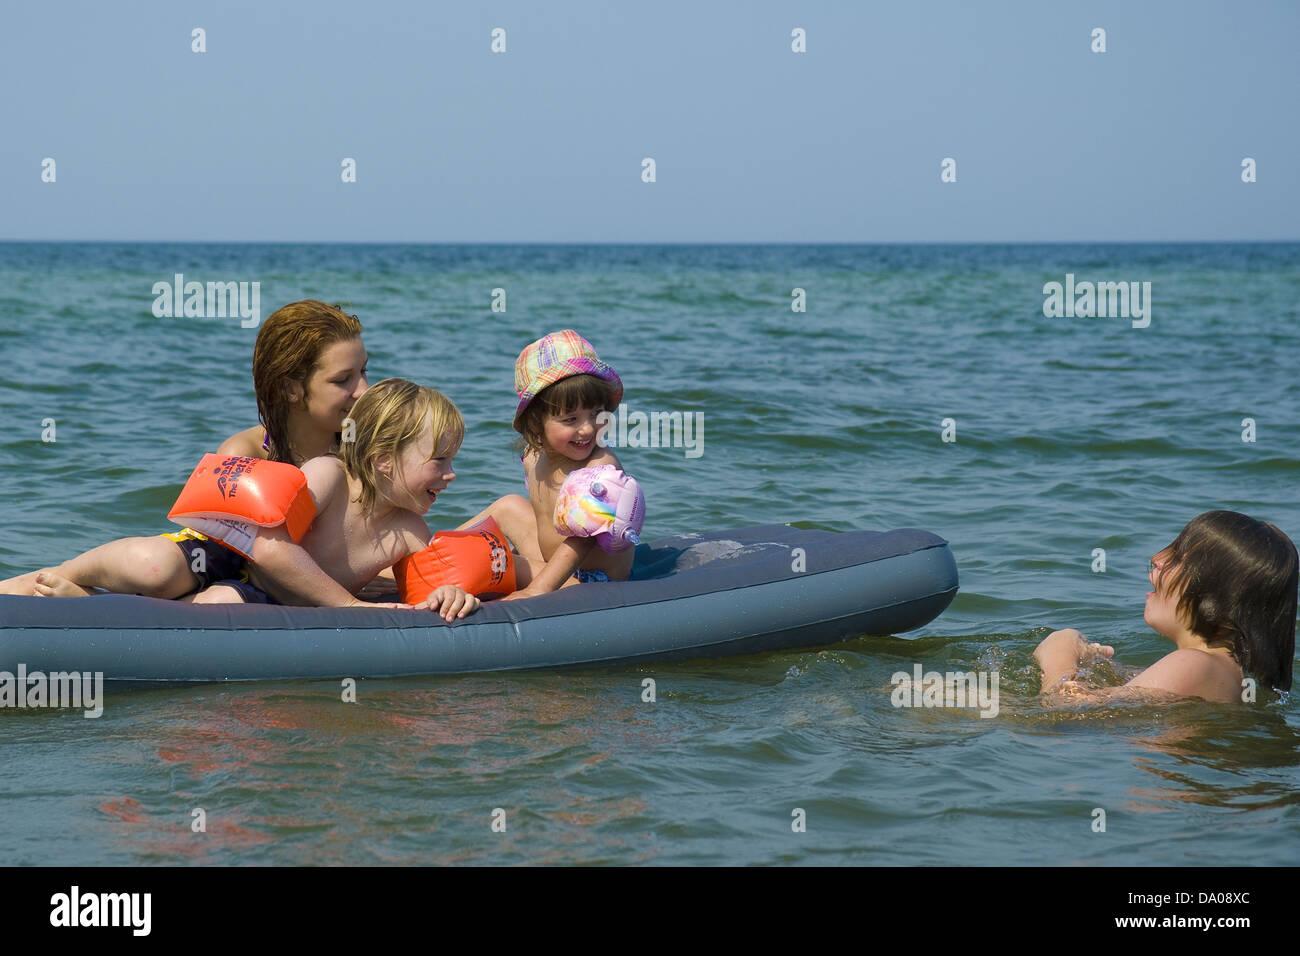 Joyfull niños jugando en un colchón inflable en el Mar Báltico Foto de stock